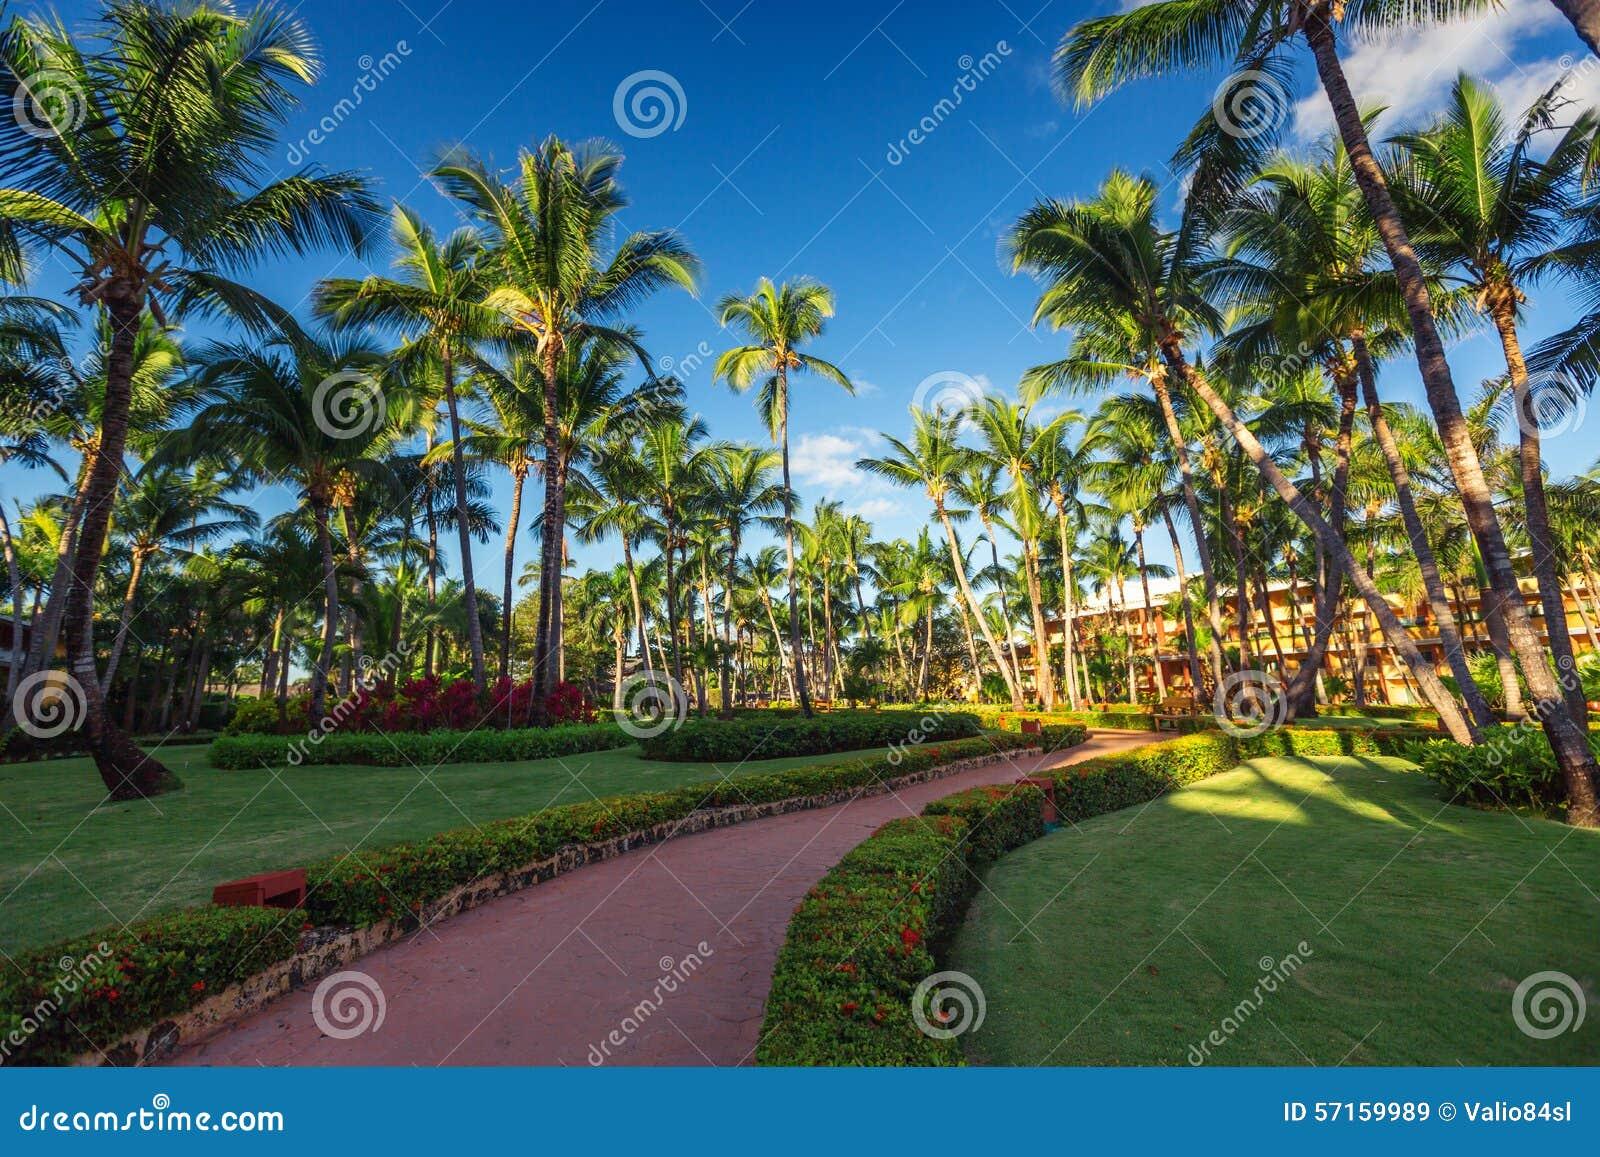 Voie et jardin tropical dans la station balnéaire, Punta Cana